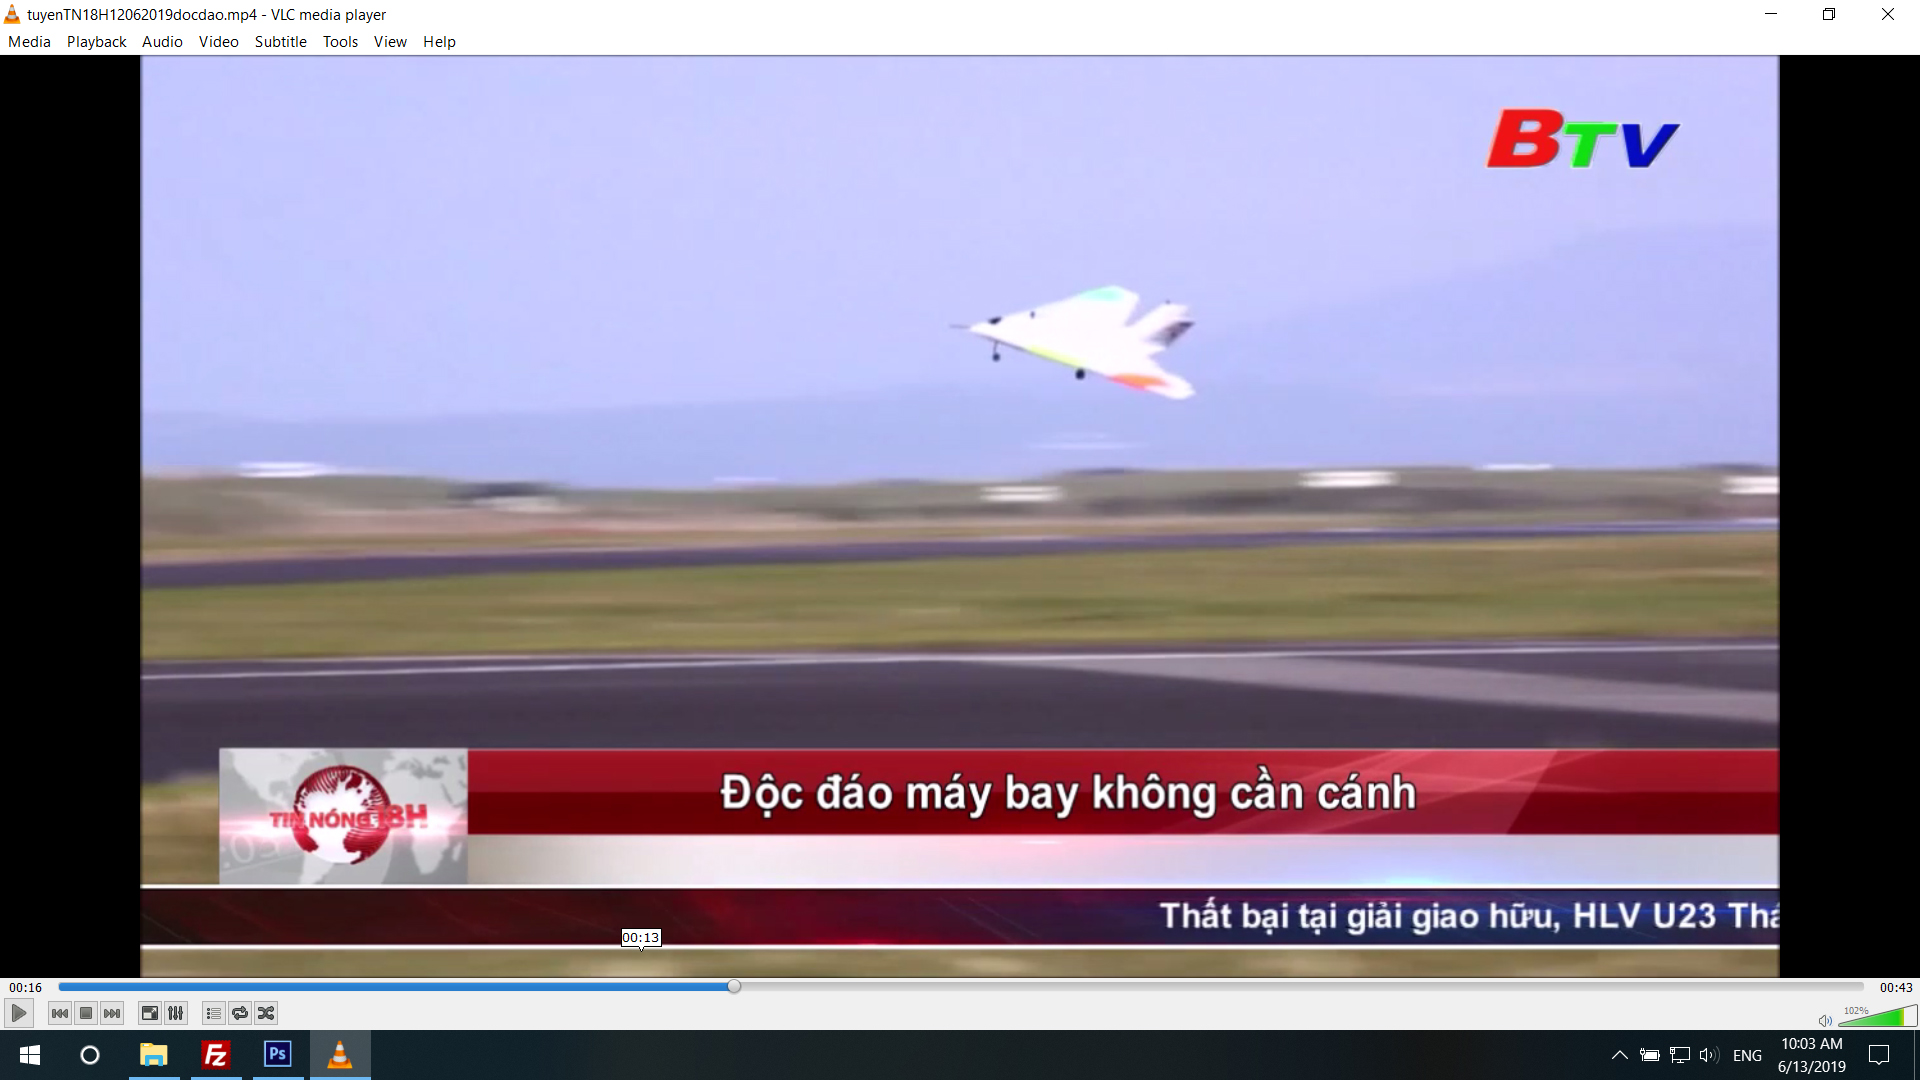 Độc đáo máy bay không cần cánh